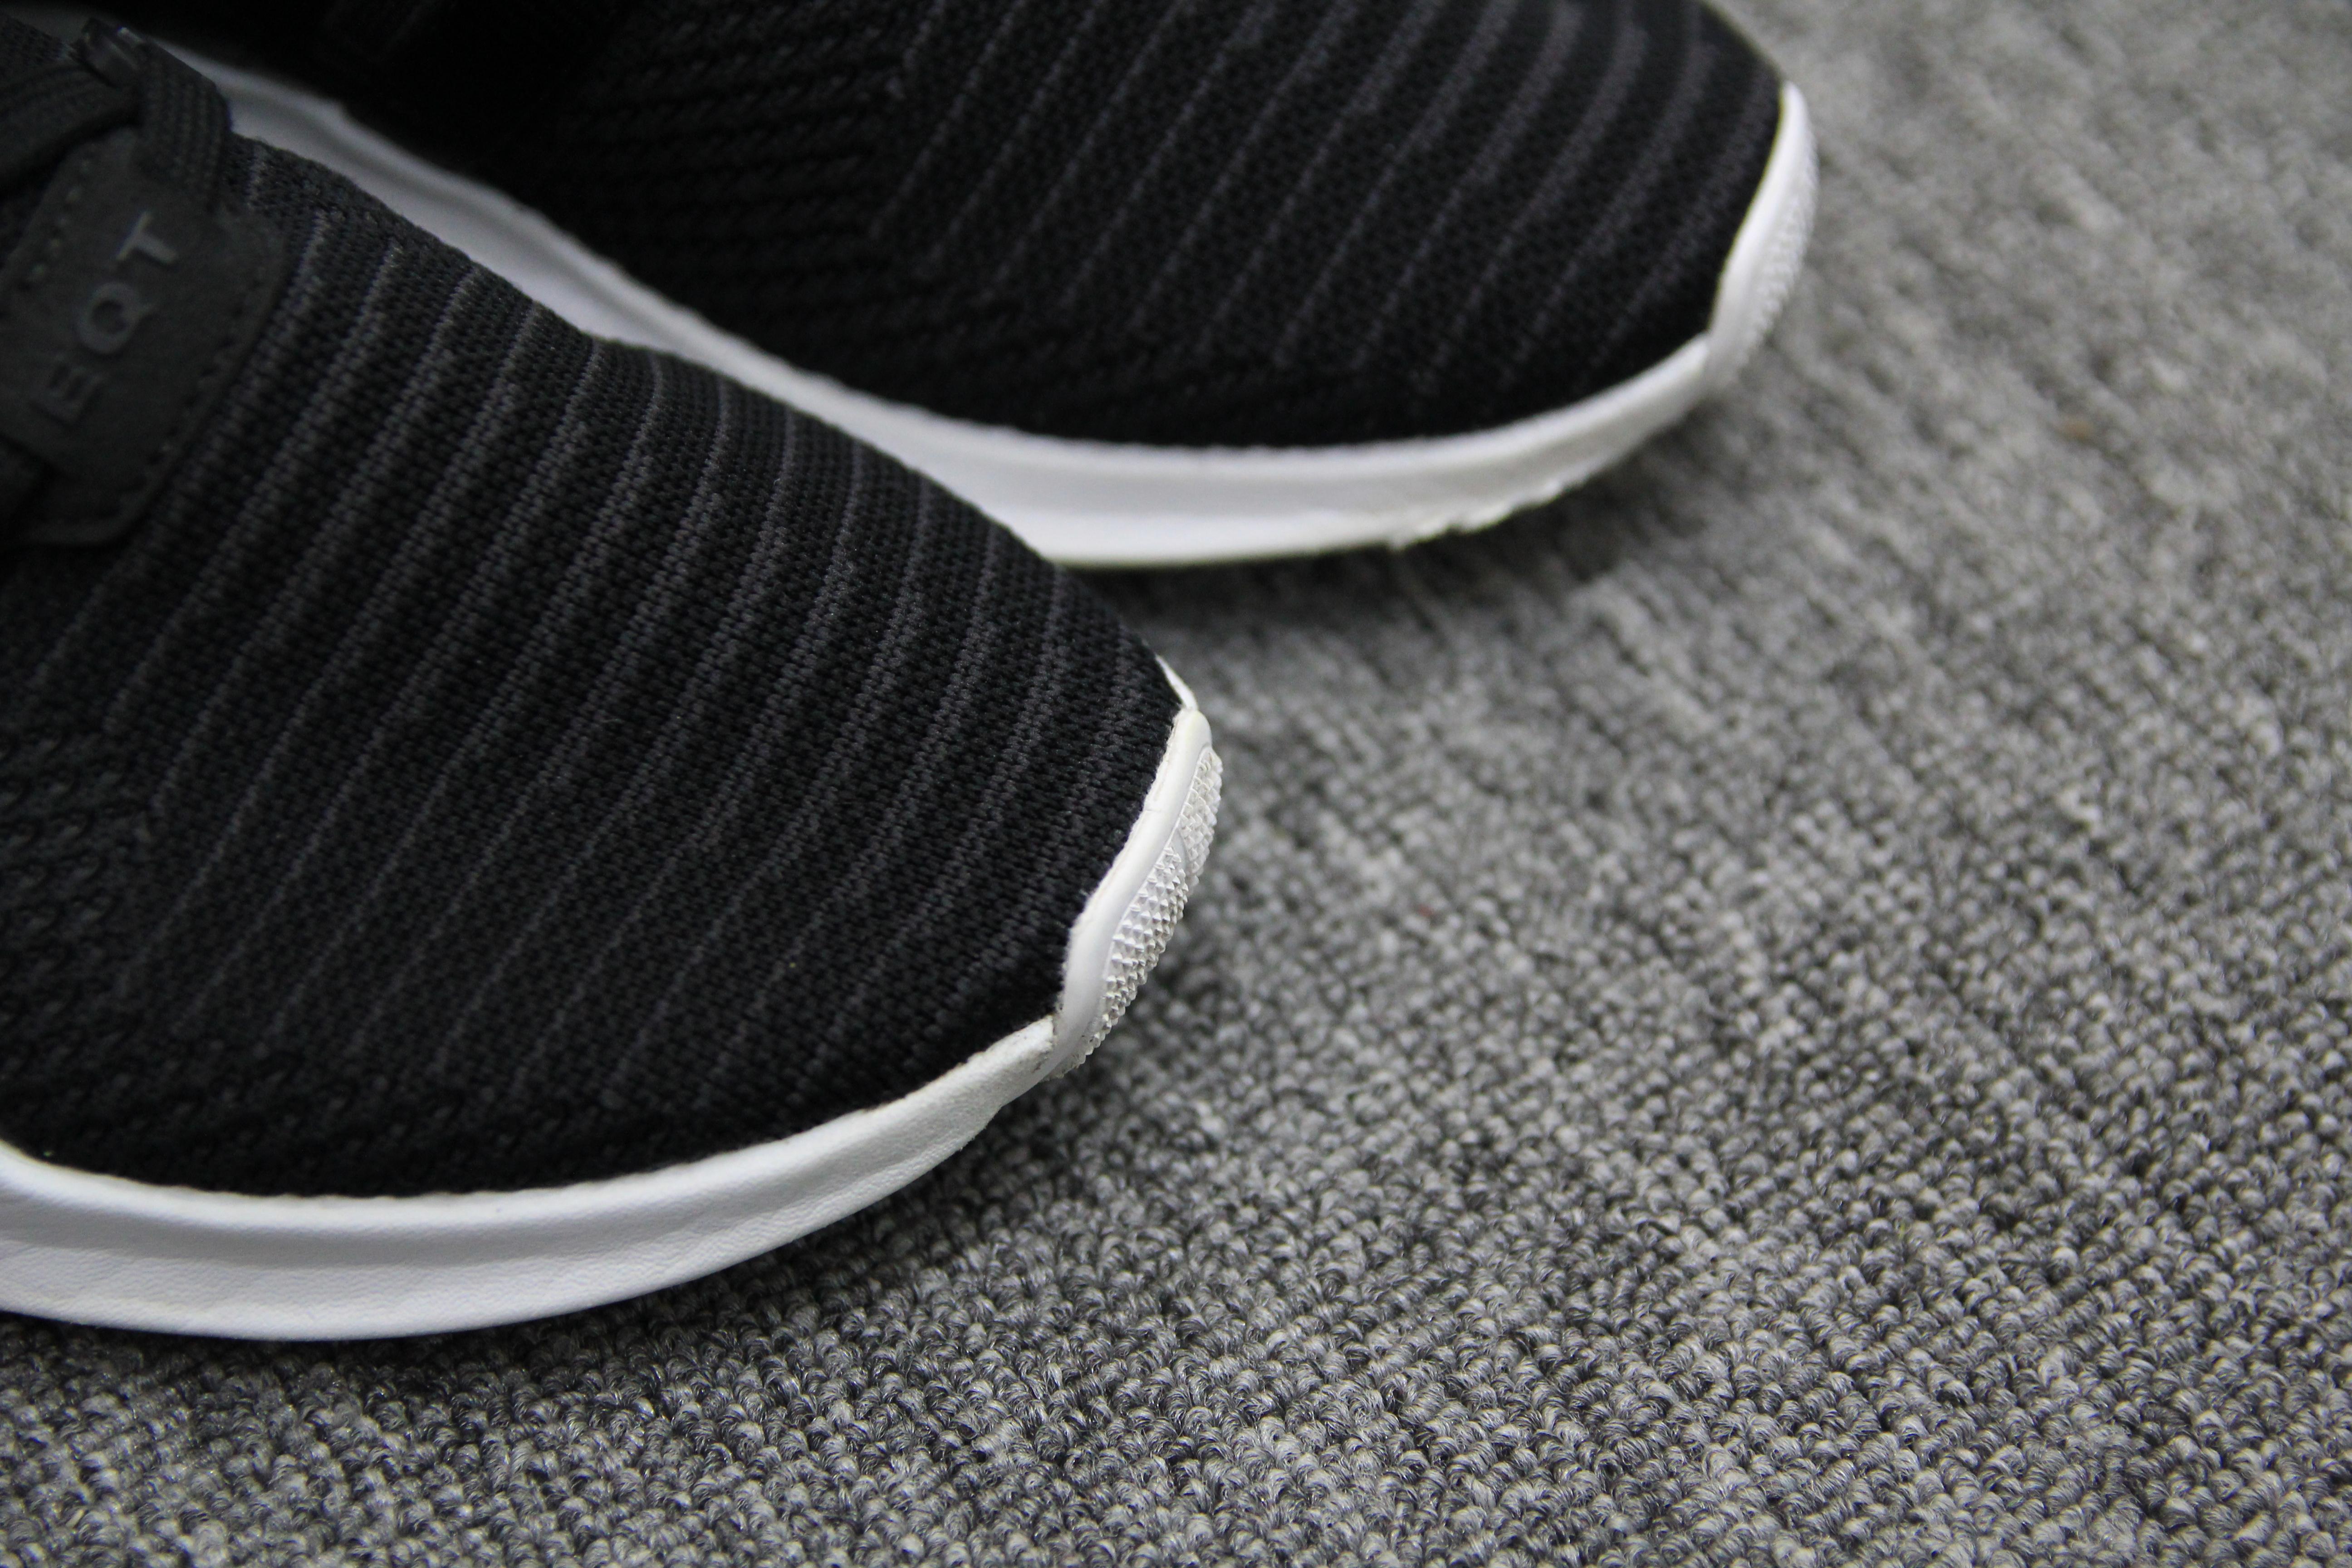 Sau khi đi thử adidas EQT trong 10 ngày, tôi khẳng định đây là một trong những đôi giày tốt nhất bạn nên mua - Ảnh 14.